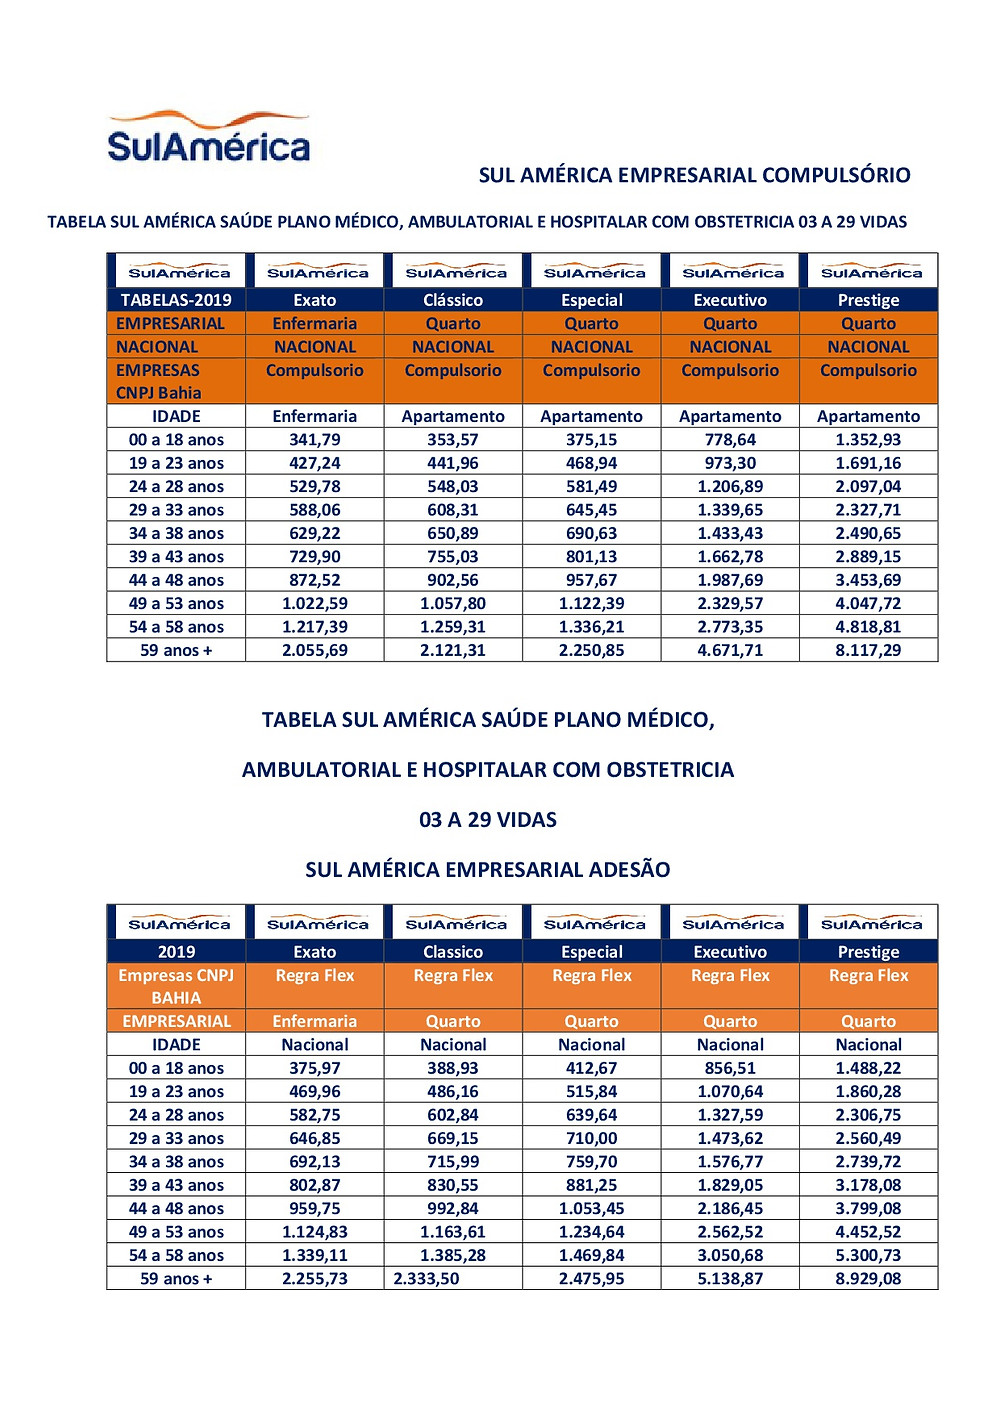 Tabelas de Vendas - SulAmerica Saude Empresarial